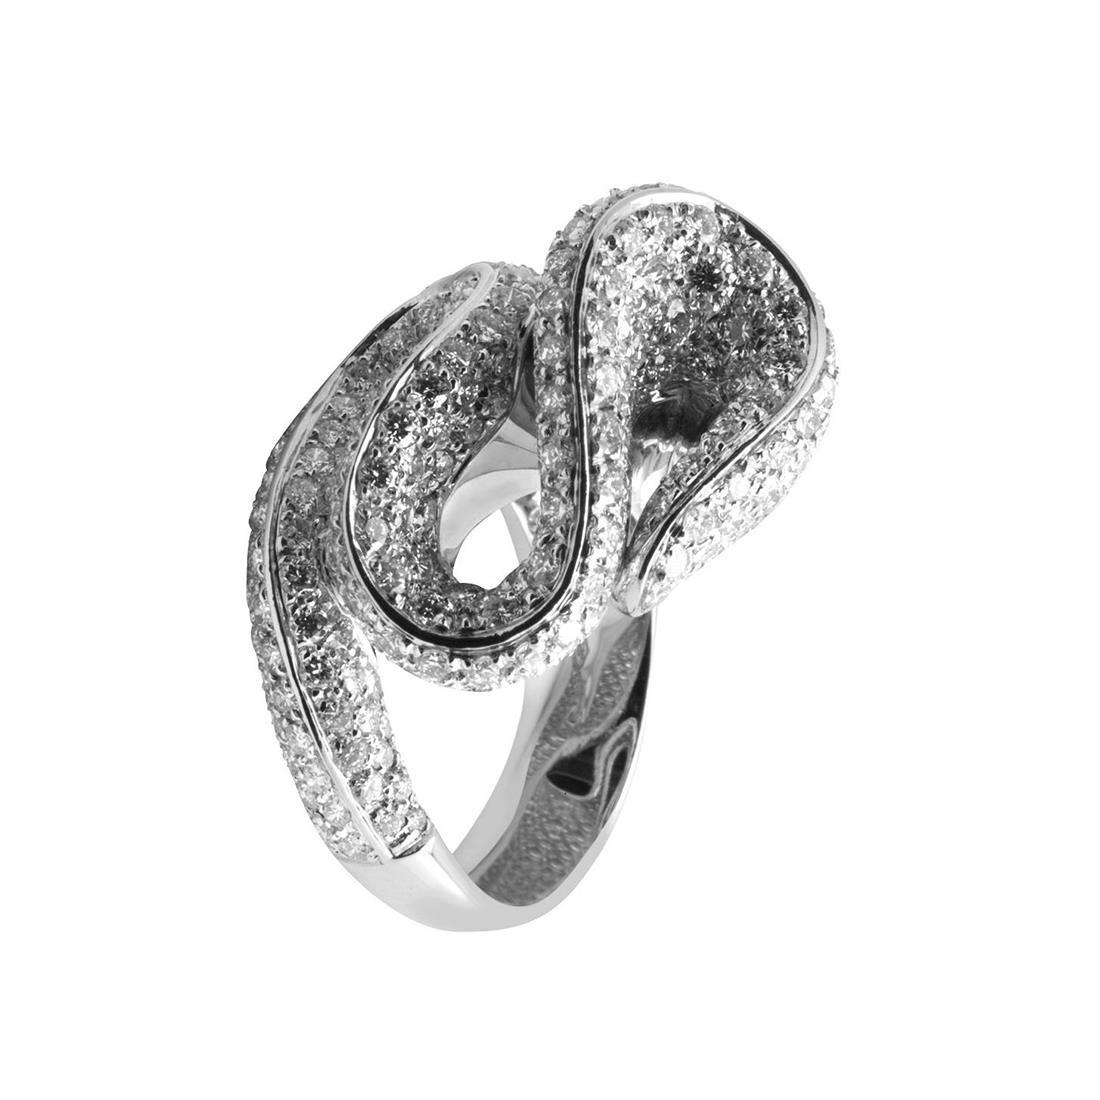 Anello in oro bianco con diamanti ct 6.19 colore H, purezza SI1 - ALFIERI & ST. JOHN